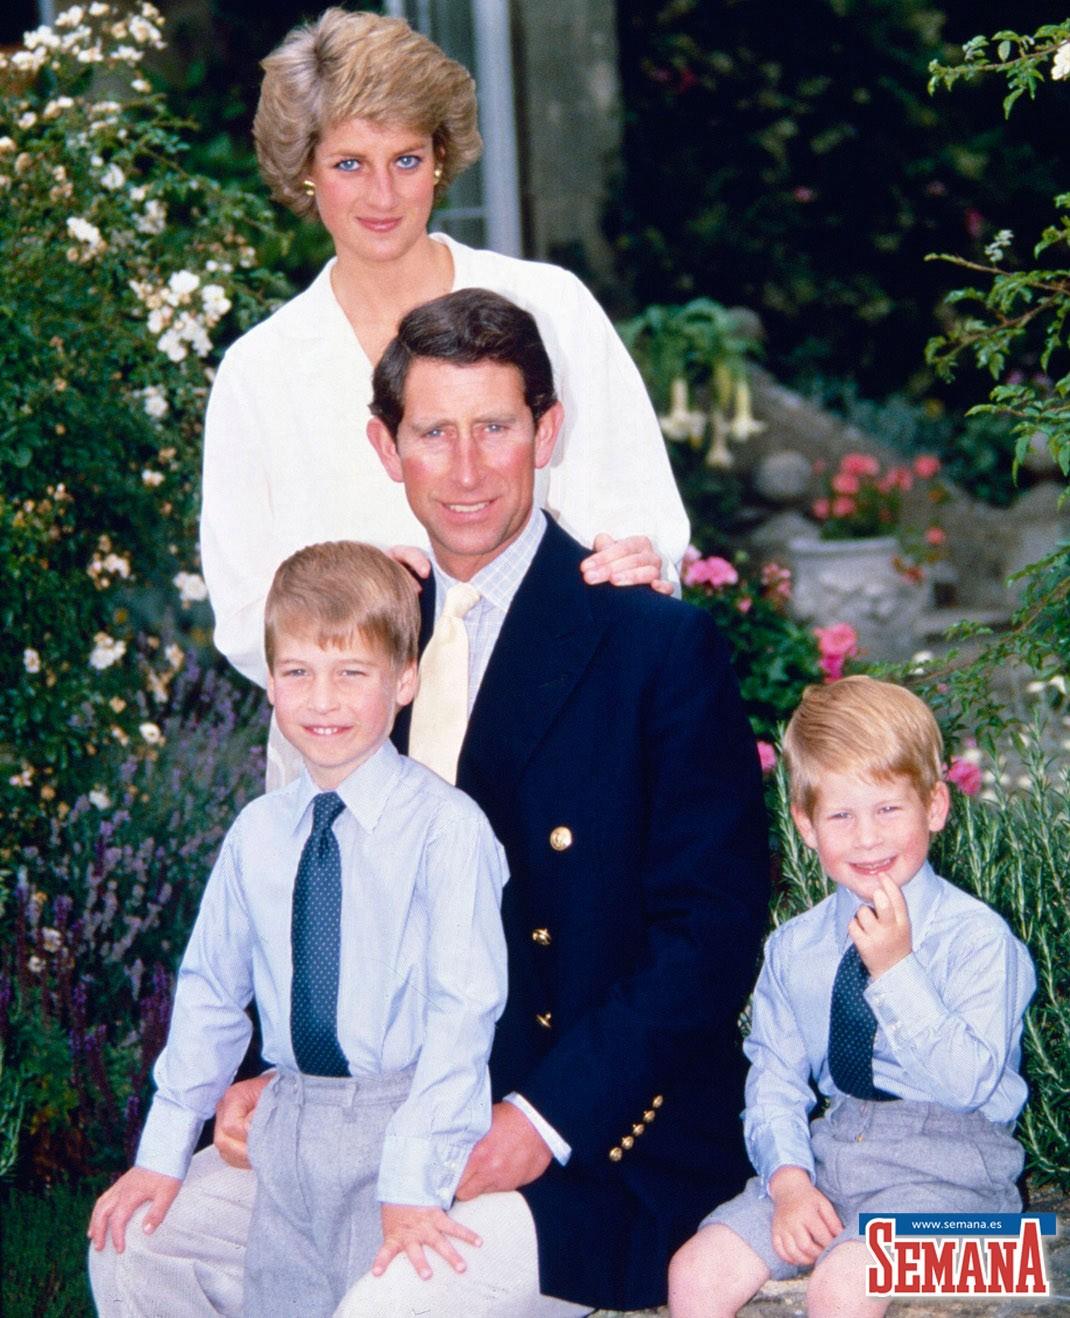 Uso de drogas y problemas mentales: el infierno del príncipe Harry para superar la muerte de su madre 6